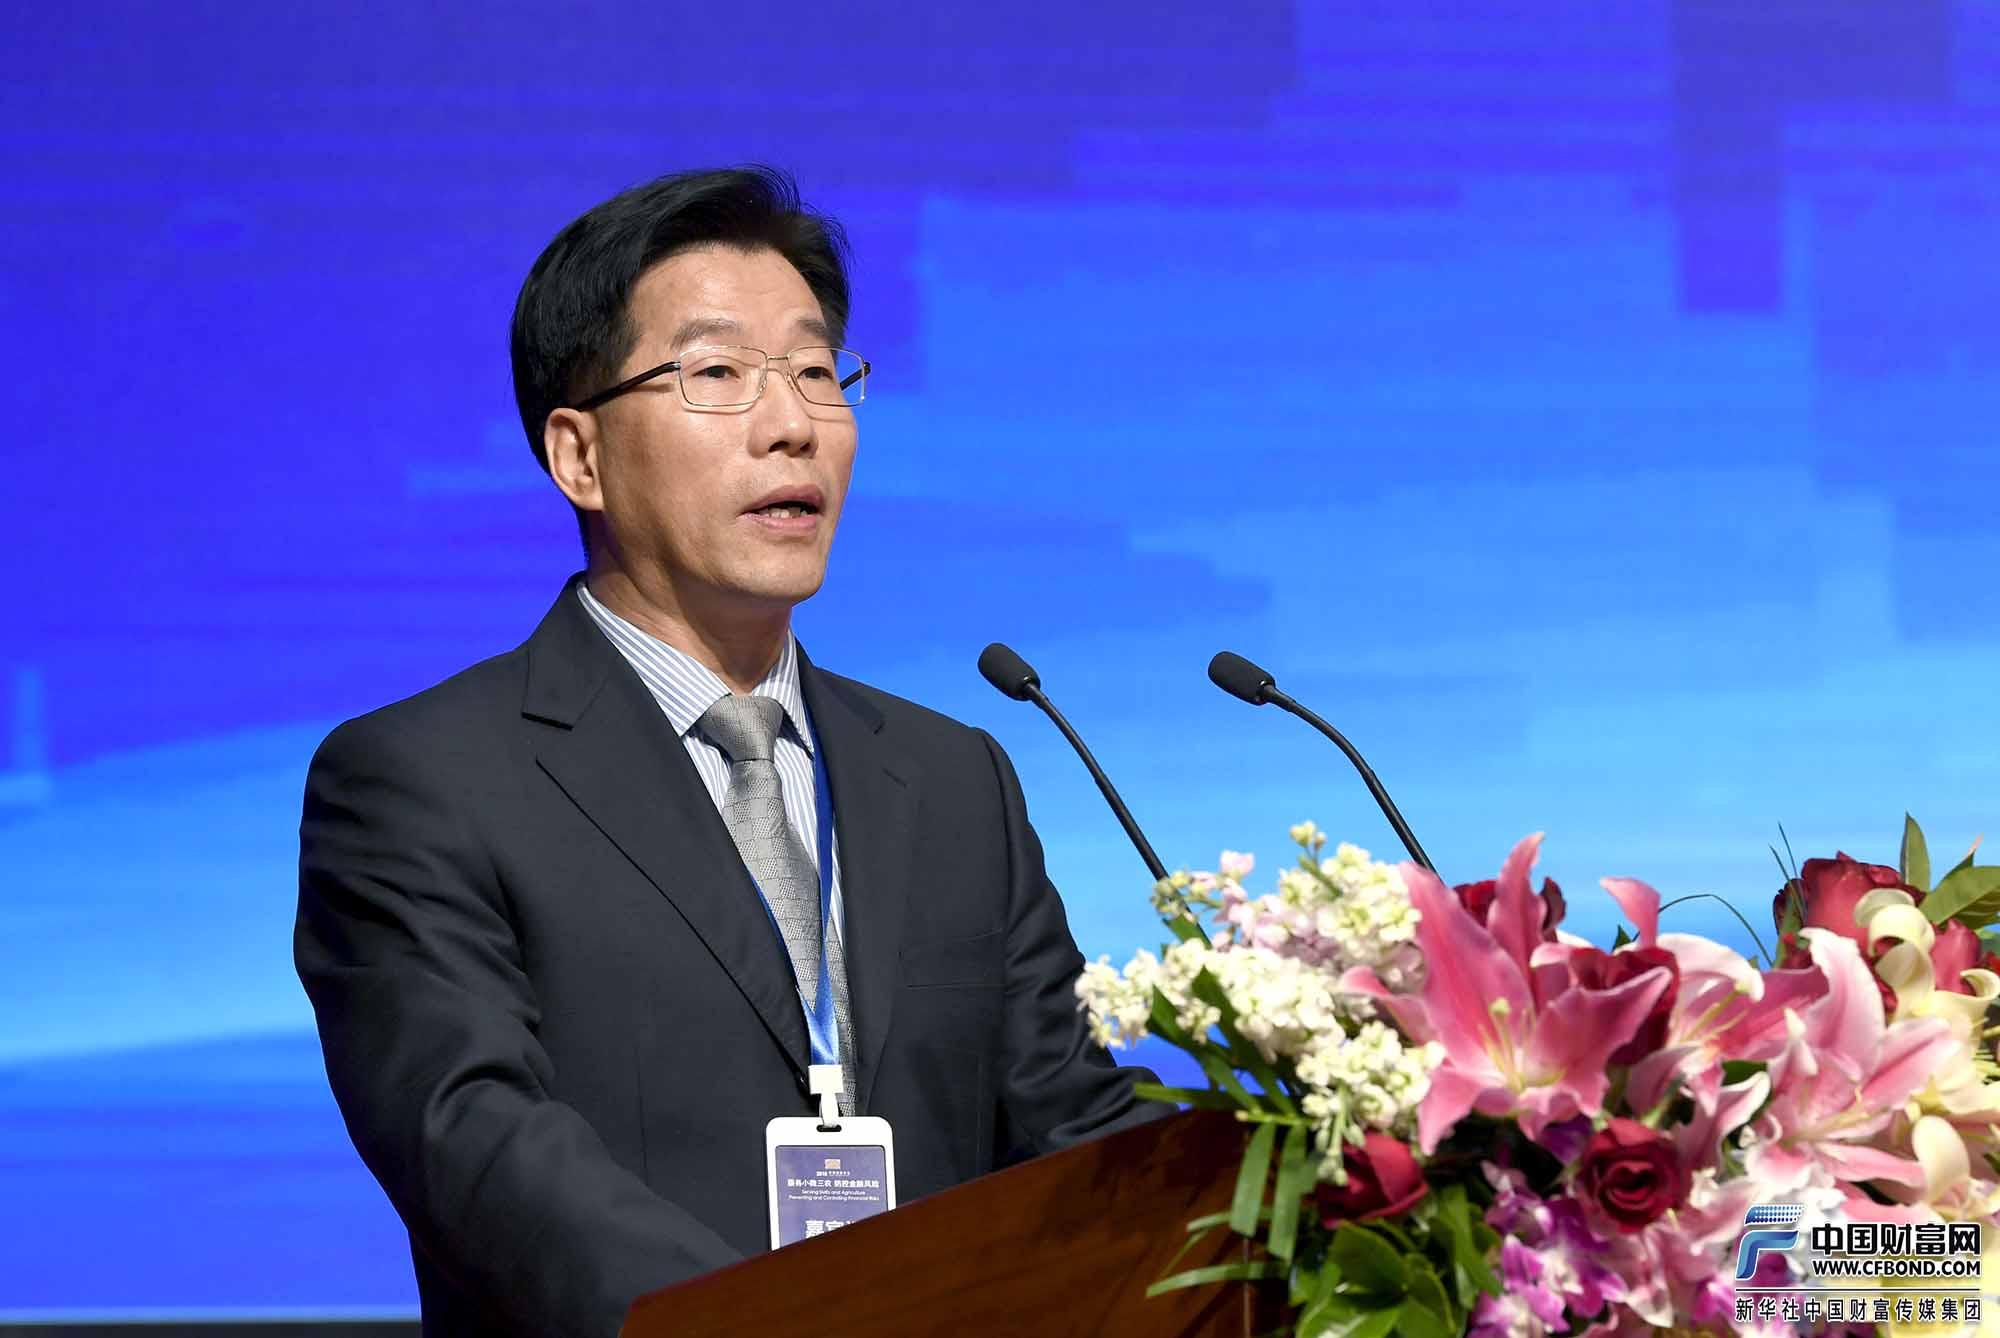 中国银行保险监督管理委员会 普惠金融部主任李均锋致辞